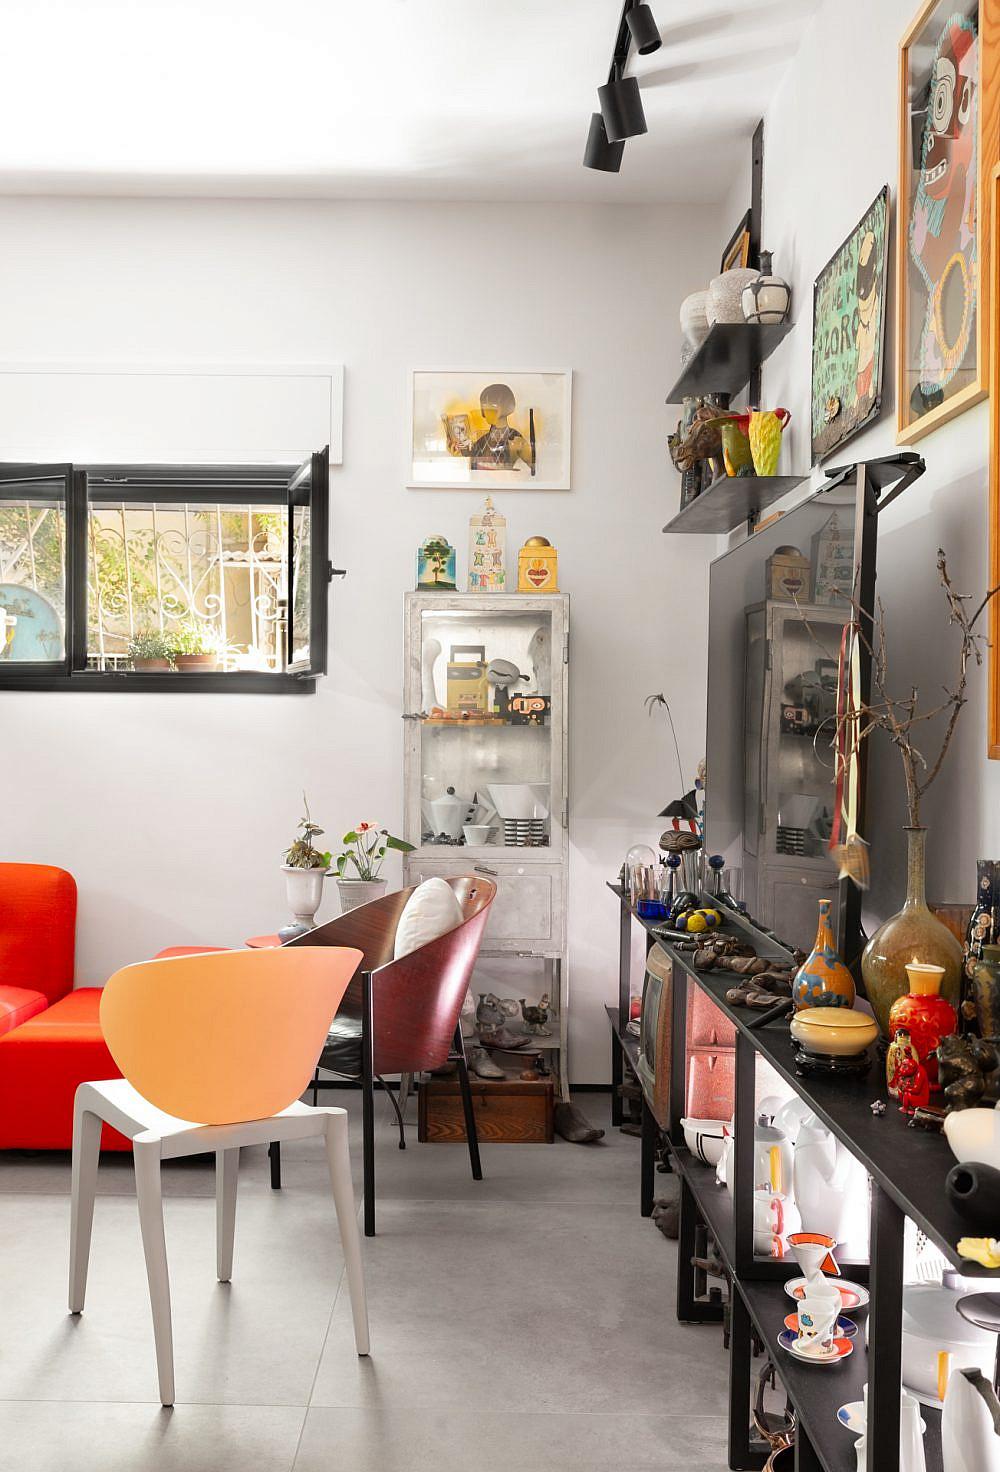 דירה בגבעתיים | עיצוב פנים: דנה מורן, צילום: נויה שילוני חביב